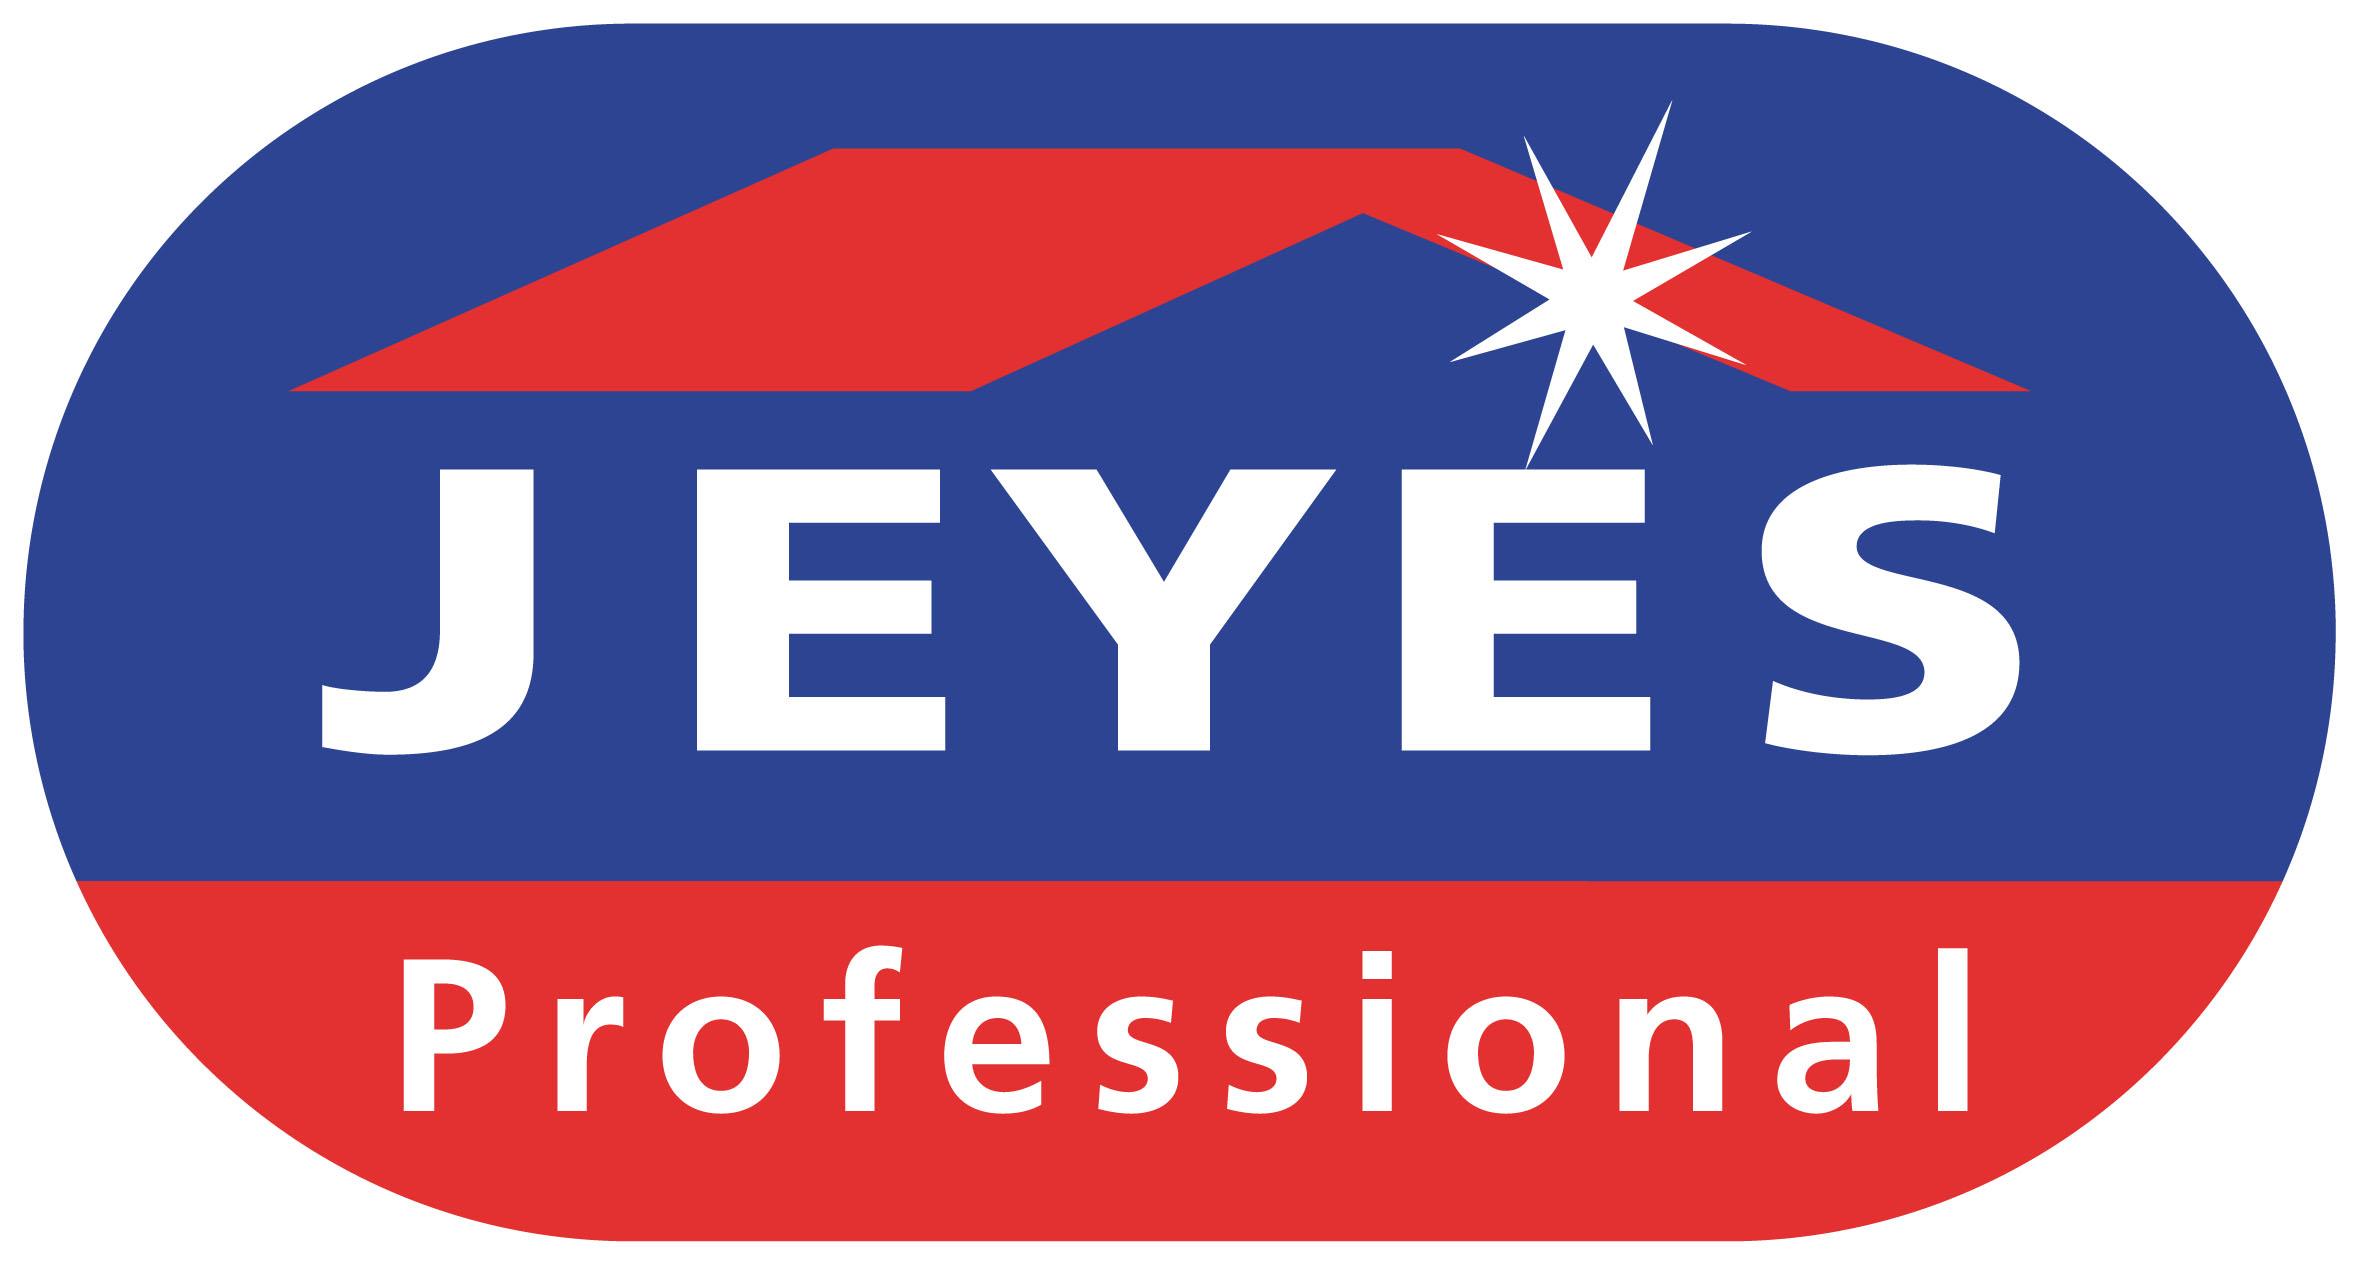 Jeyes Professional Logo